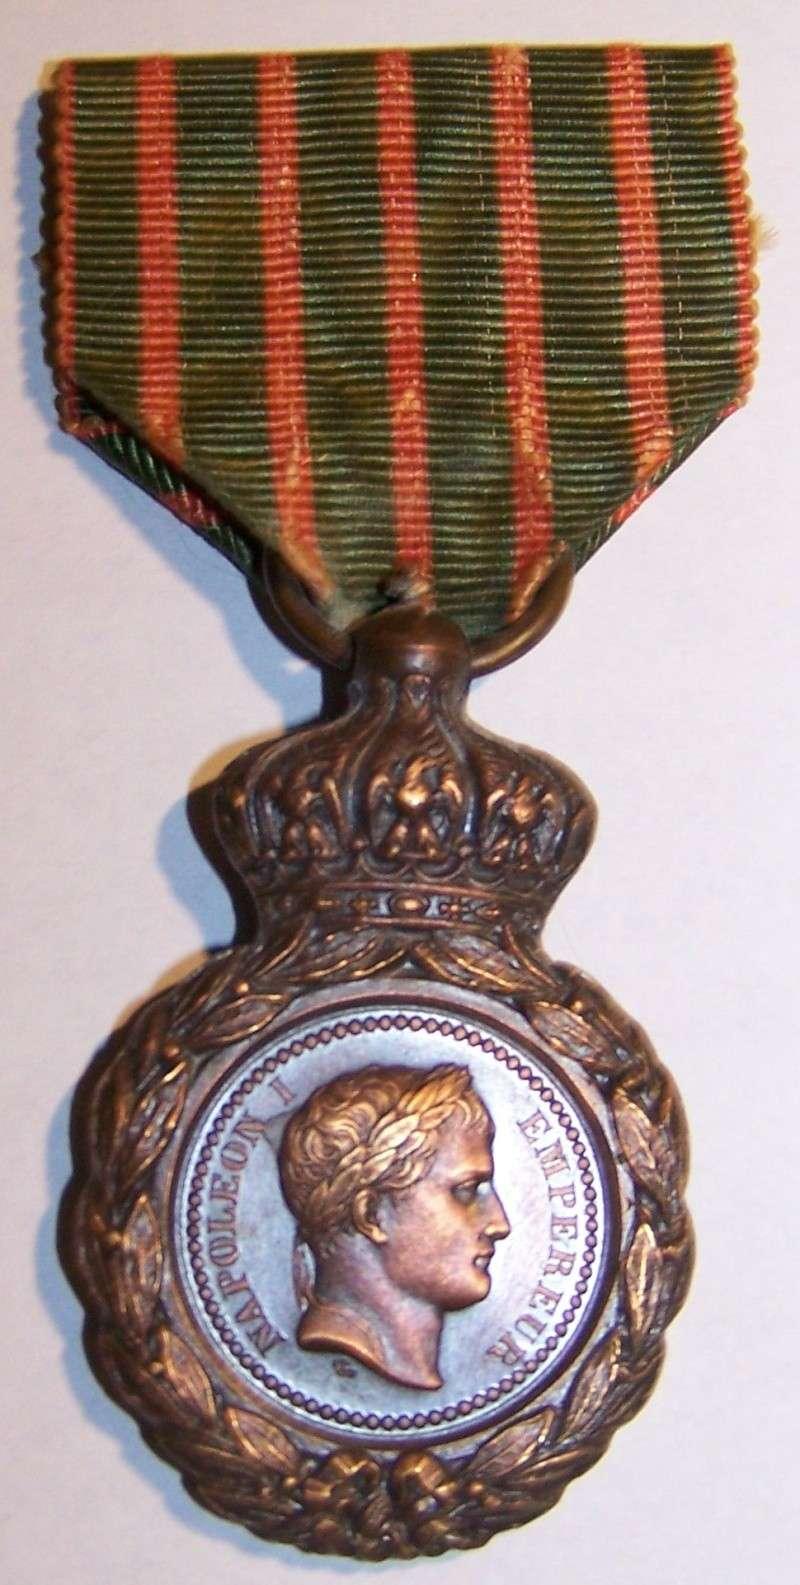 Médaille de Sainte Hélène Napoléon Ier 100_7846